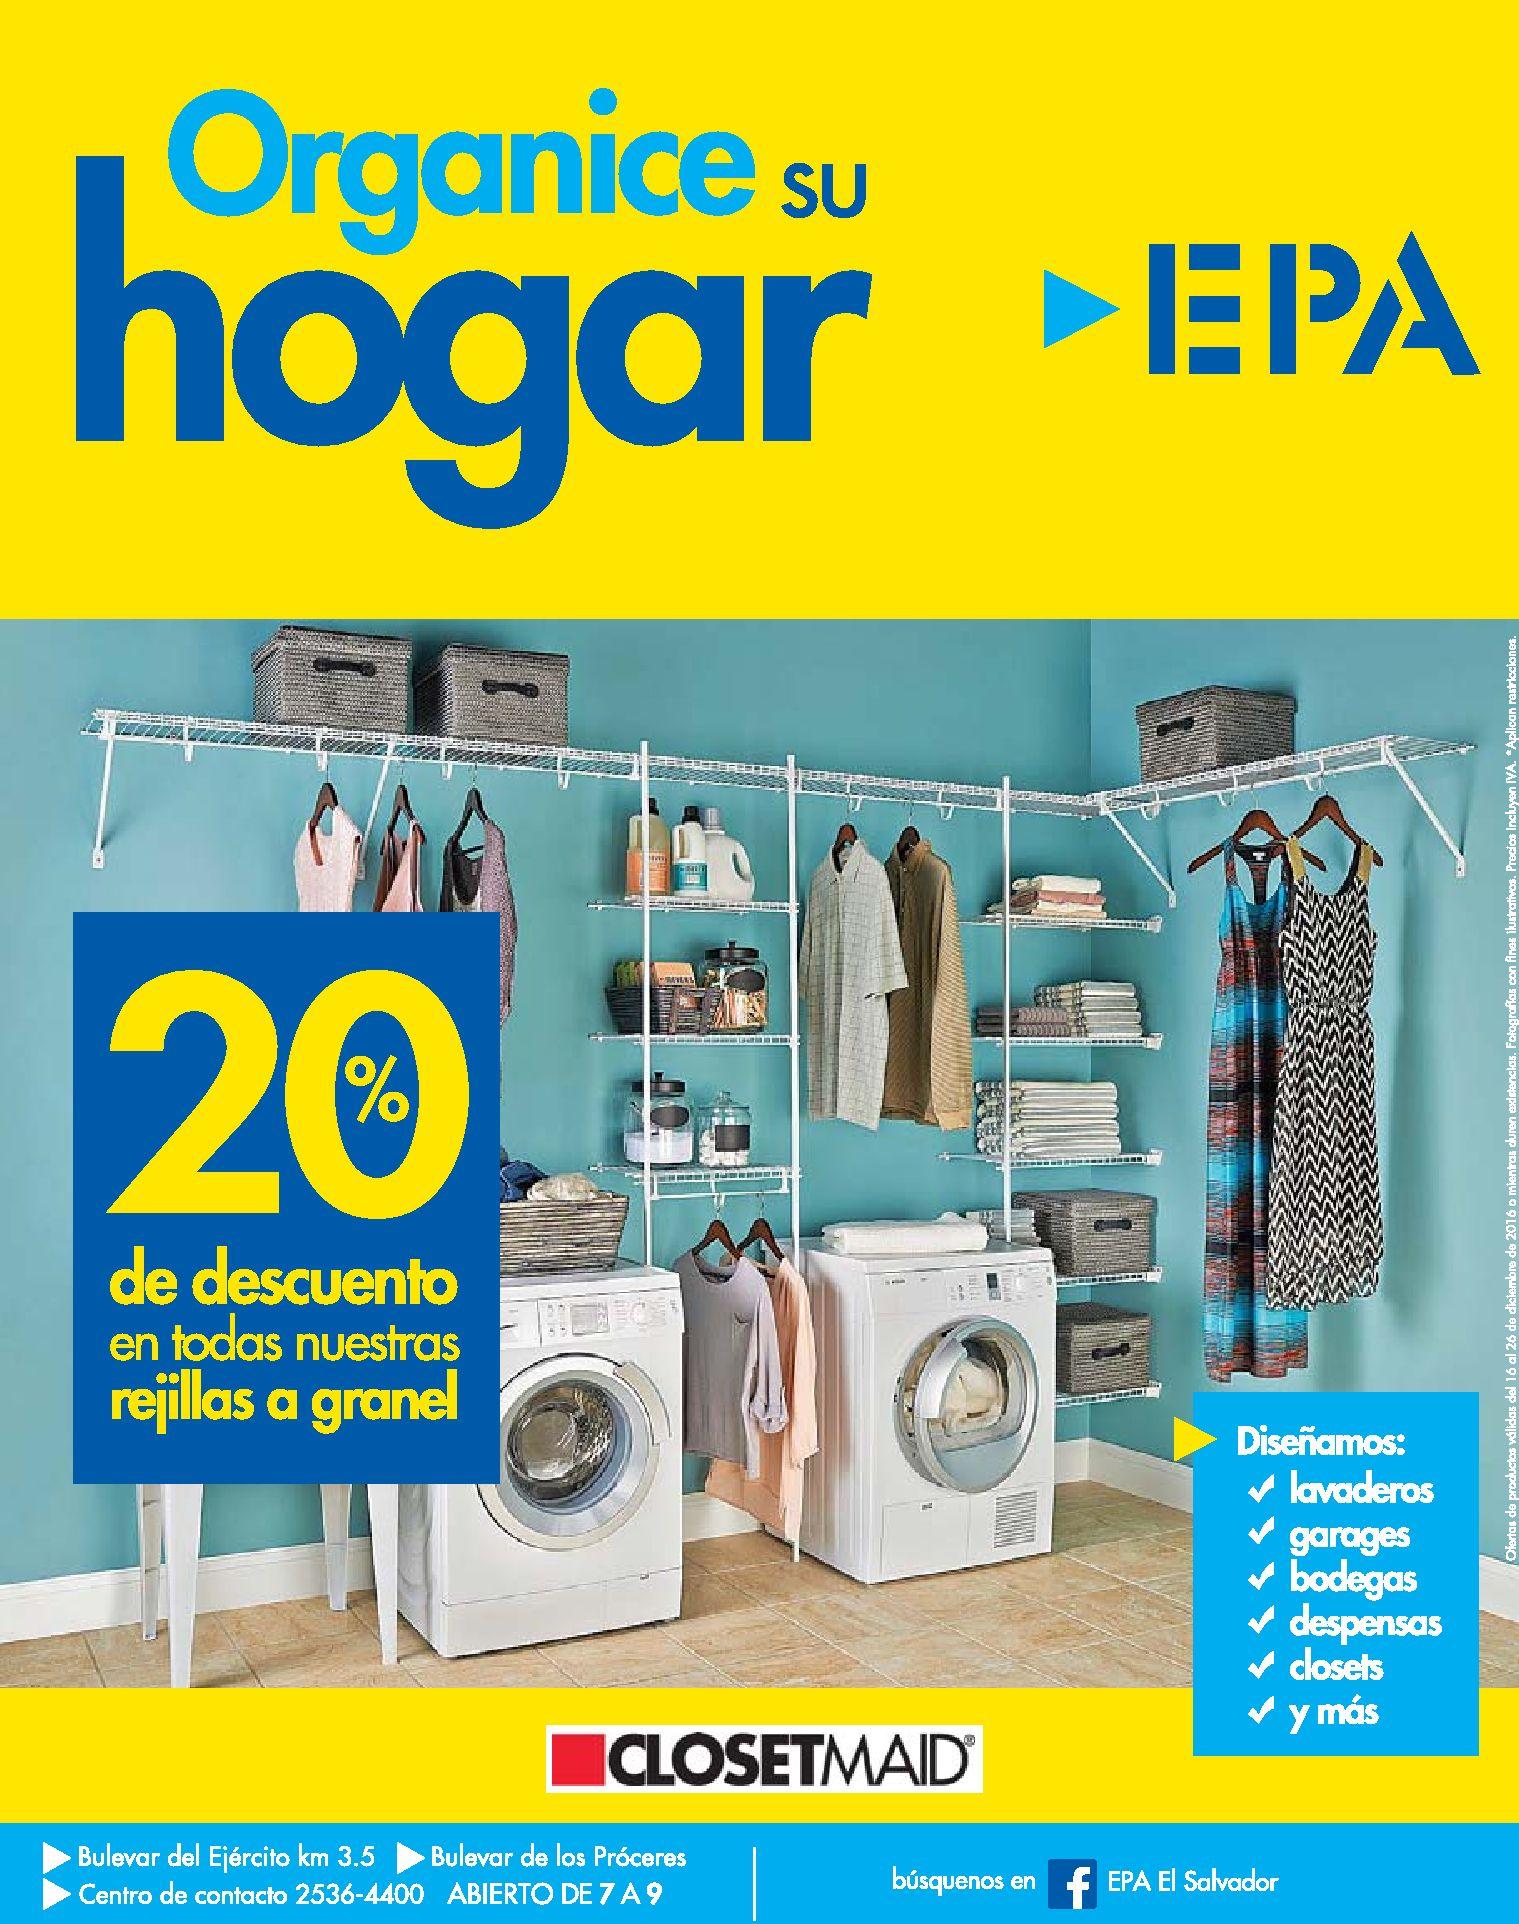 organizados-y-bien-ordenados-con-closet-maid-disponible-e-epa-sv